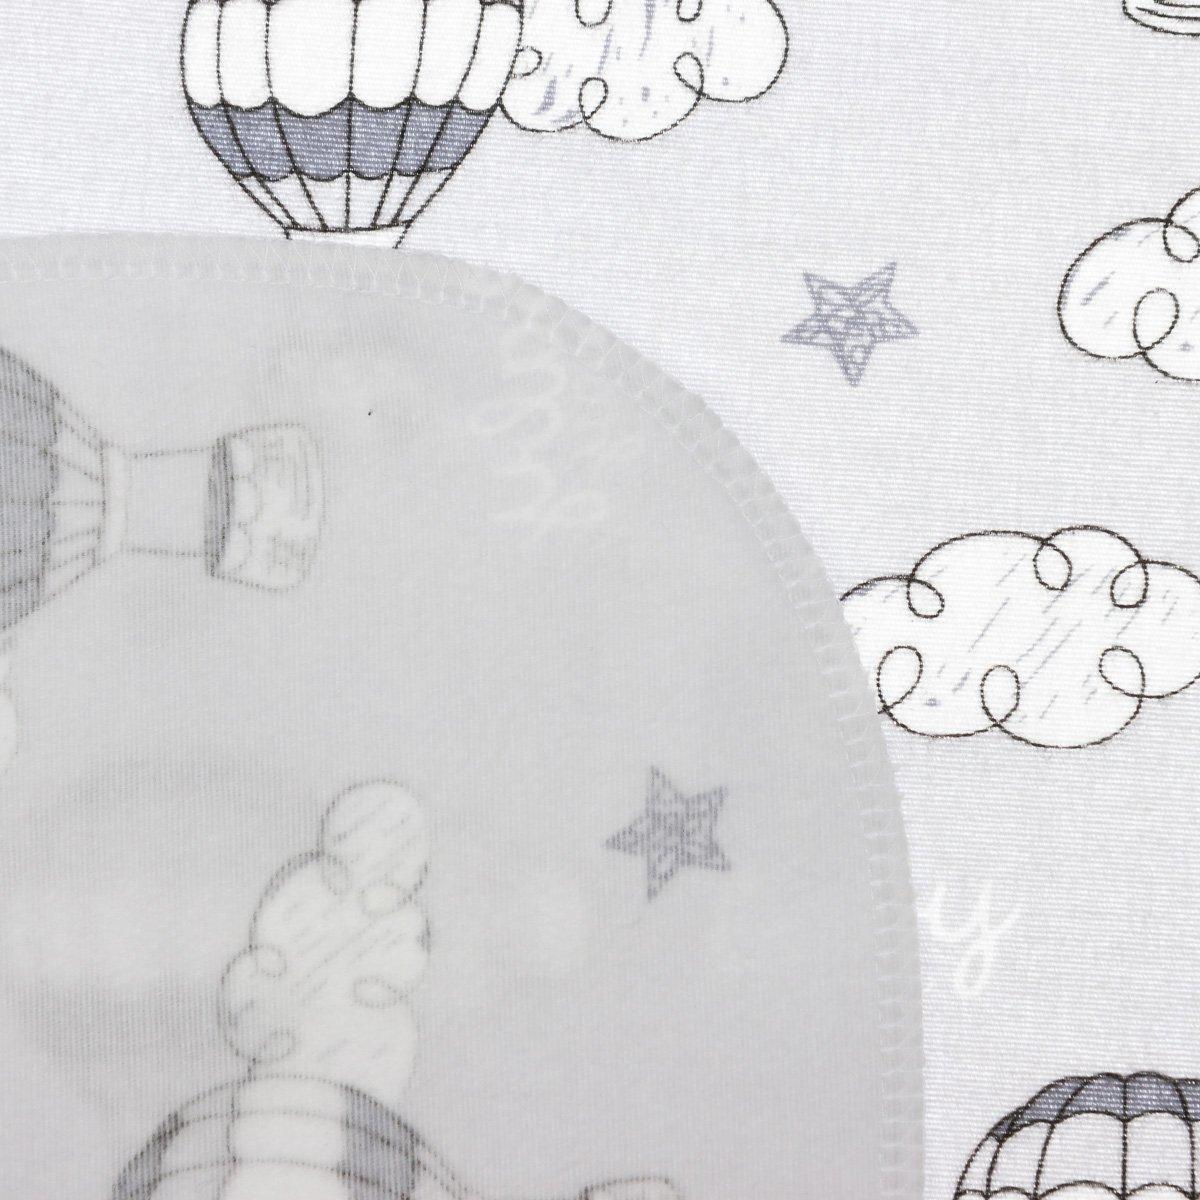 Купить Для новорожденных, Пеленка Бетис Clouds 80х110 см 27683330 ТМ: Бетис, серый